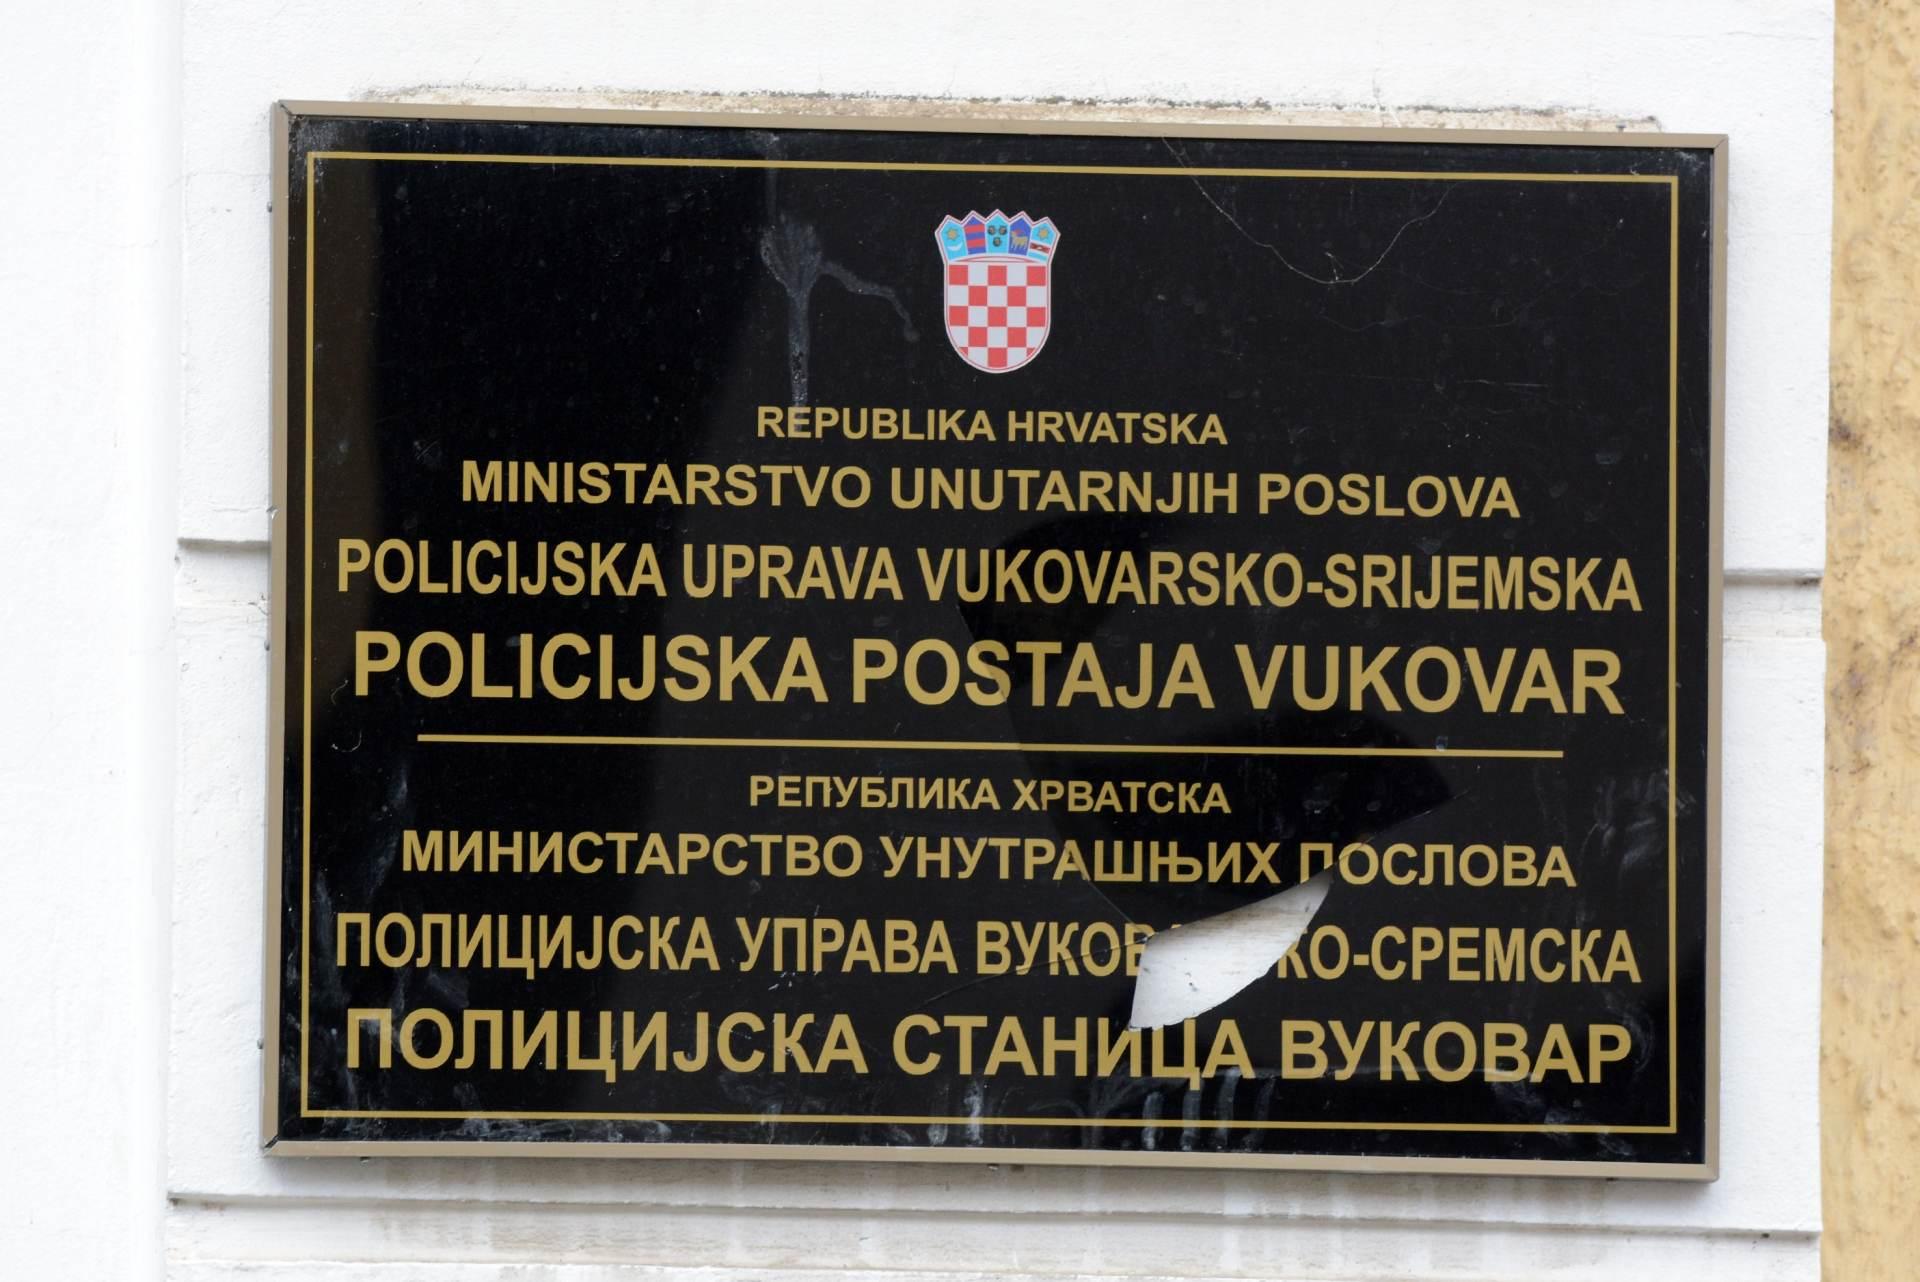 Vijeće Europe izrazilo žaljenje zbog onemogućavanja dvojezičnih natpisa u Vukovaru